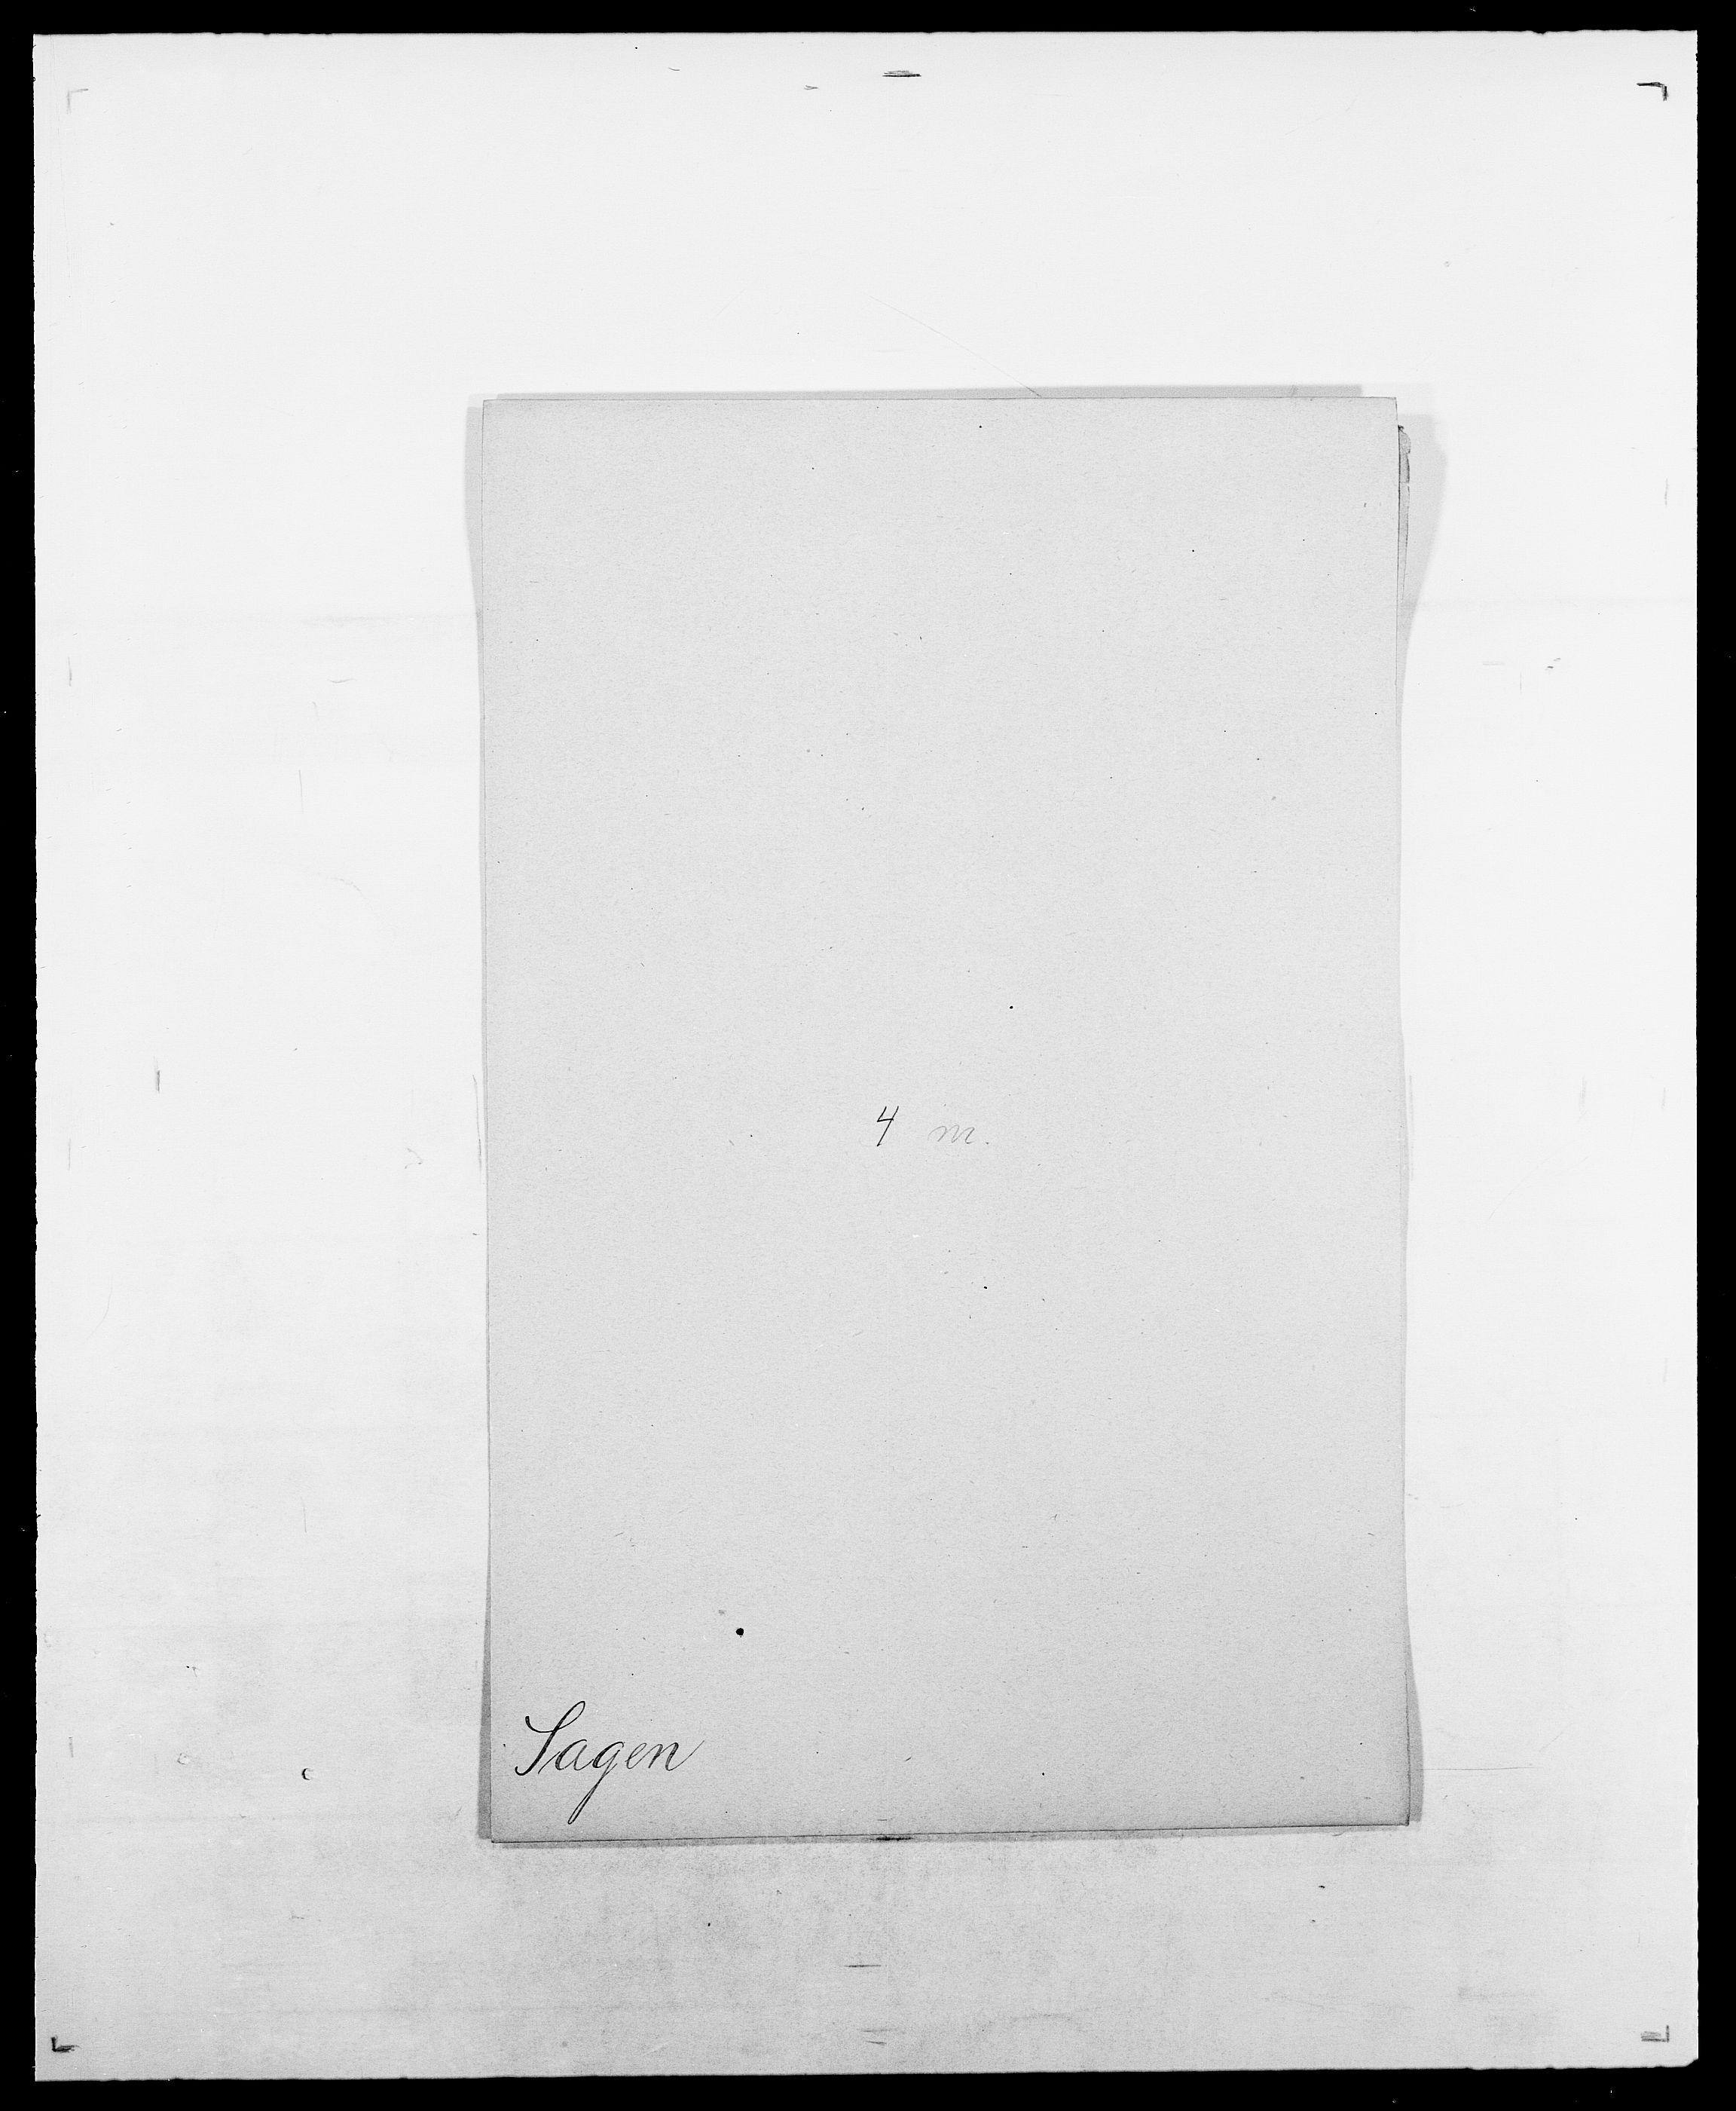 SAO, Delgobe, Charles Antoine - samling, D/Da/L0034: Saabye - Schmincke, s. 27